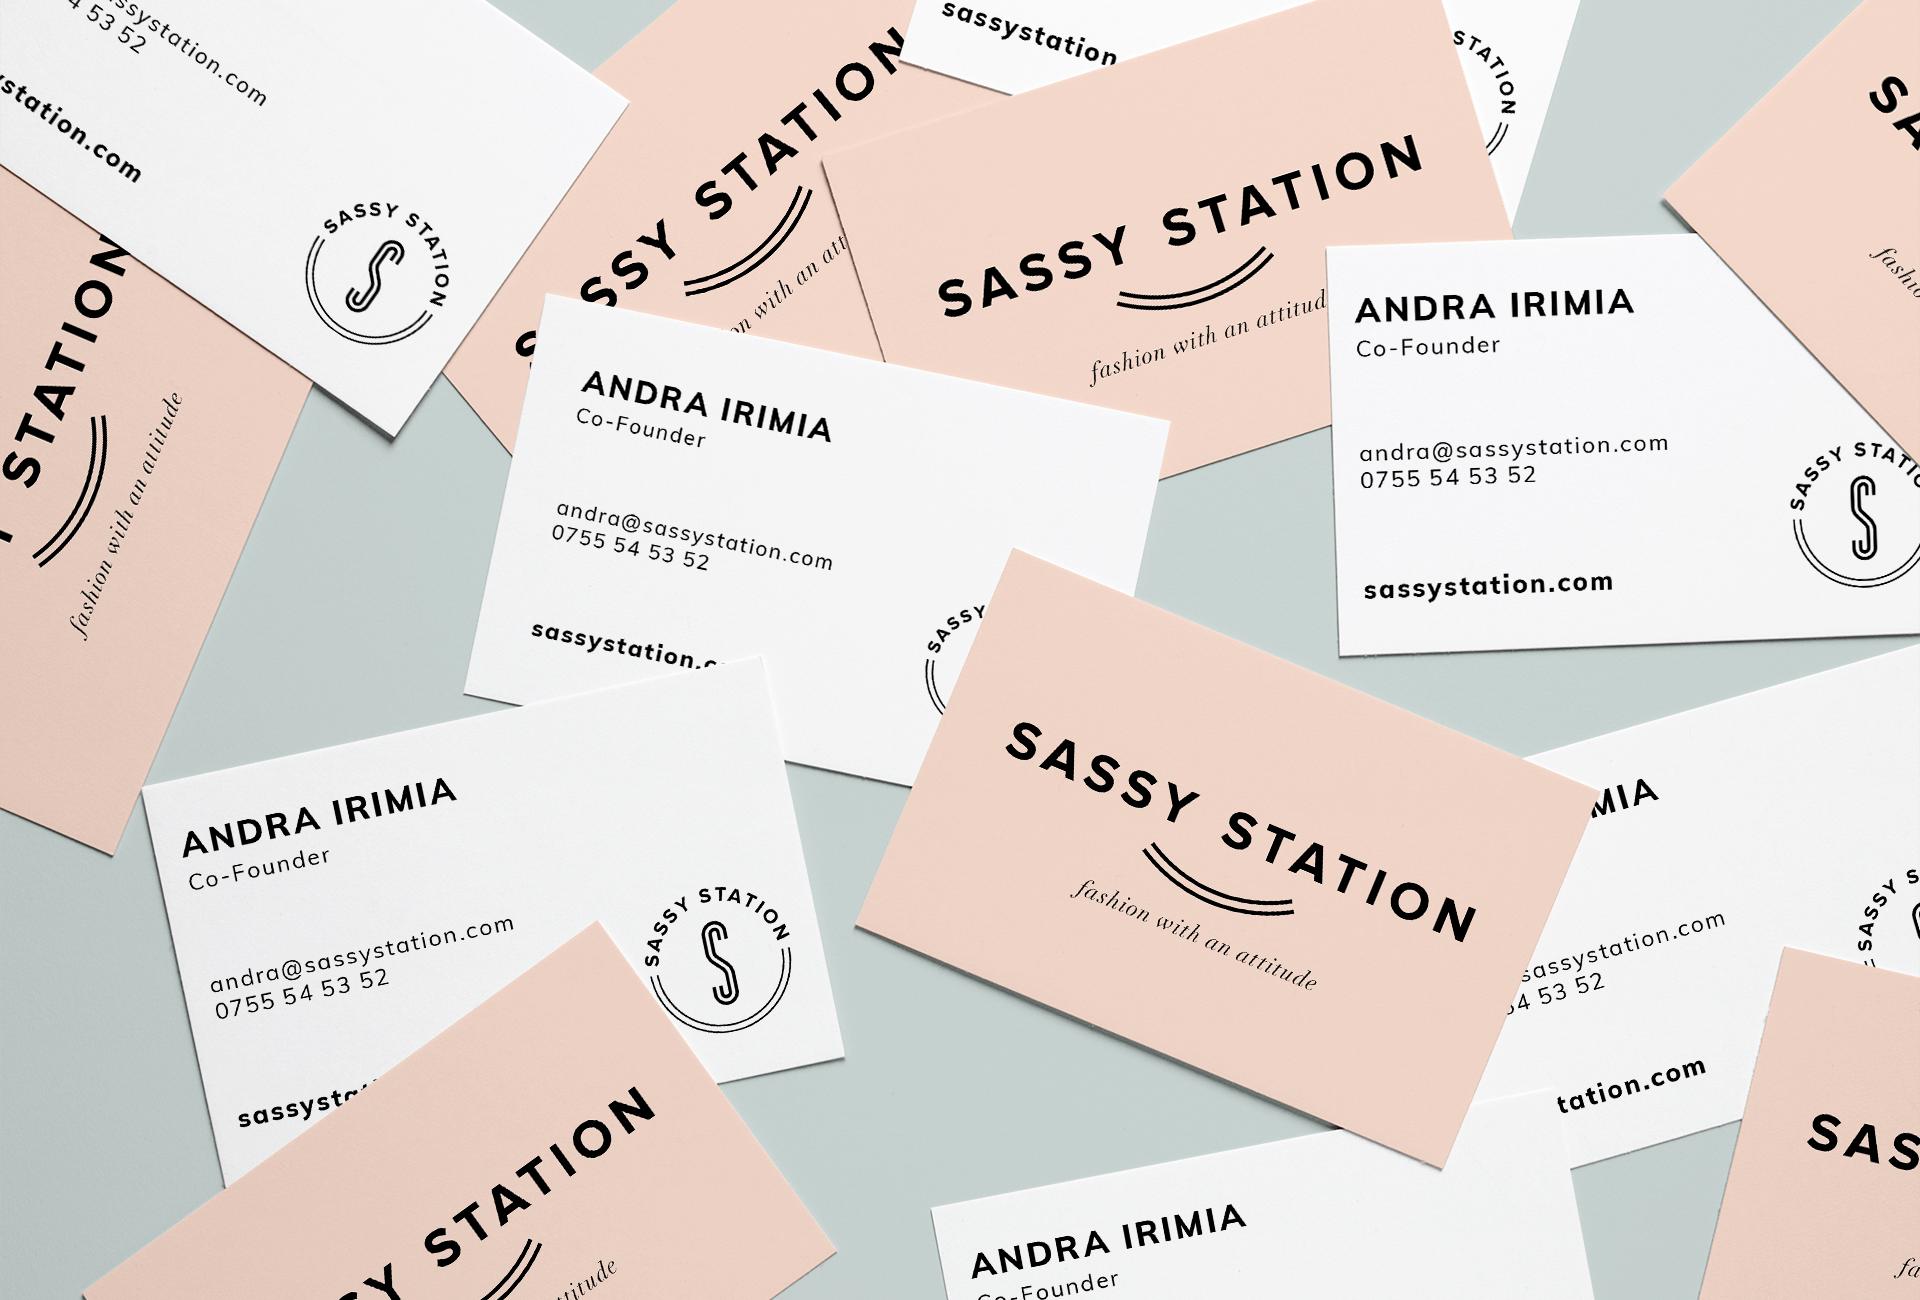 07b cdv Sassy Station